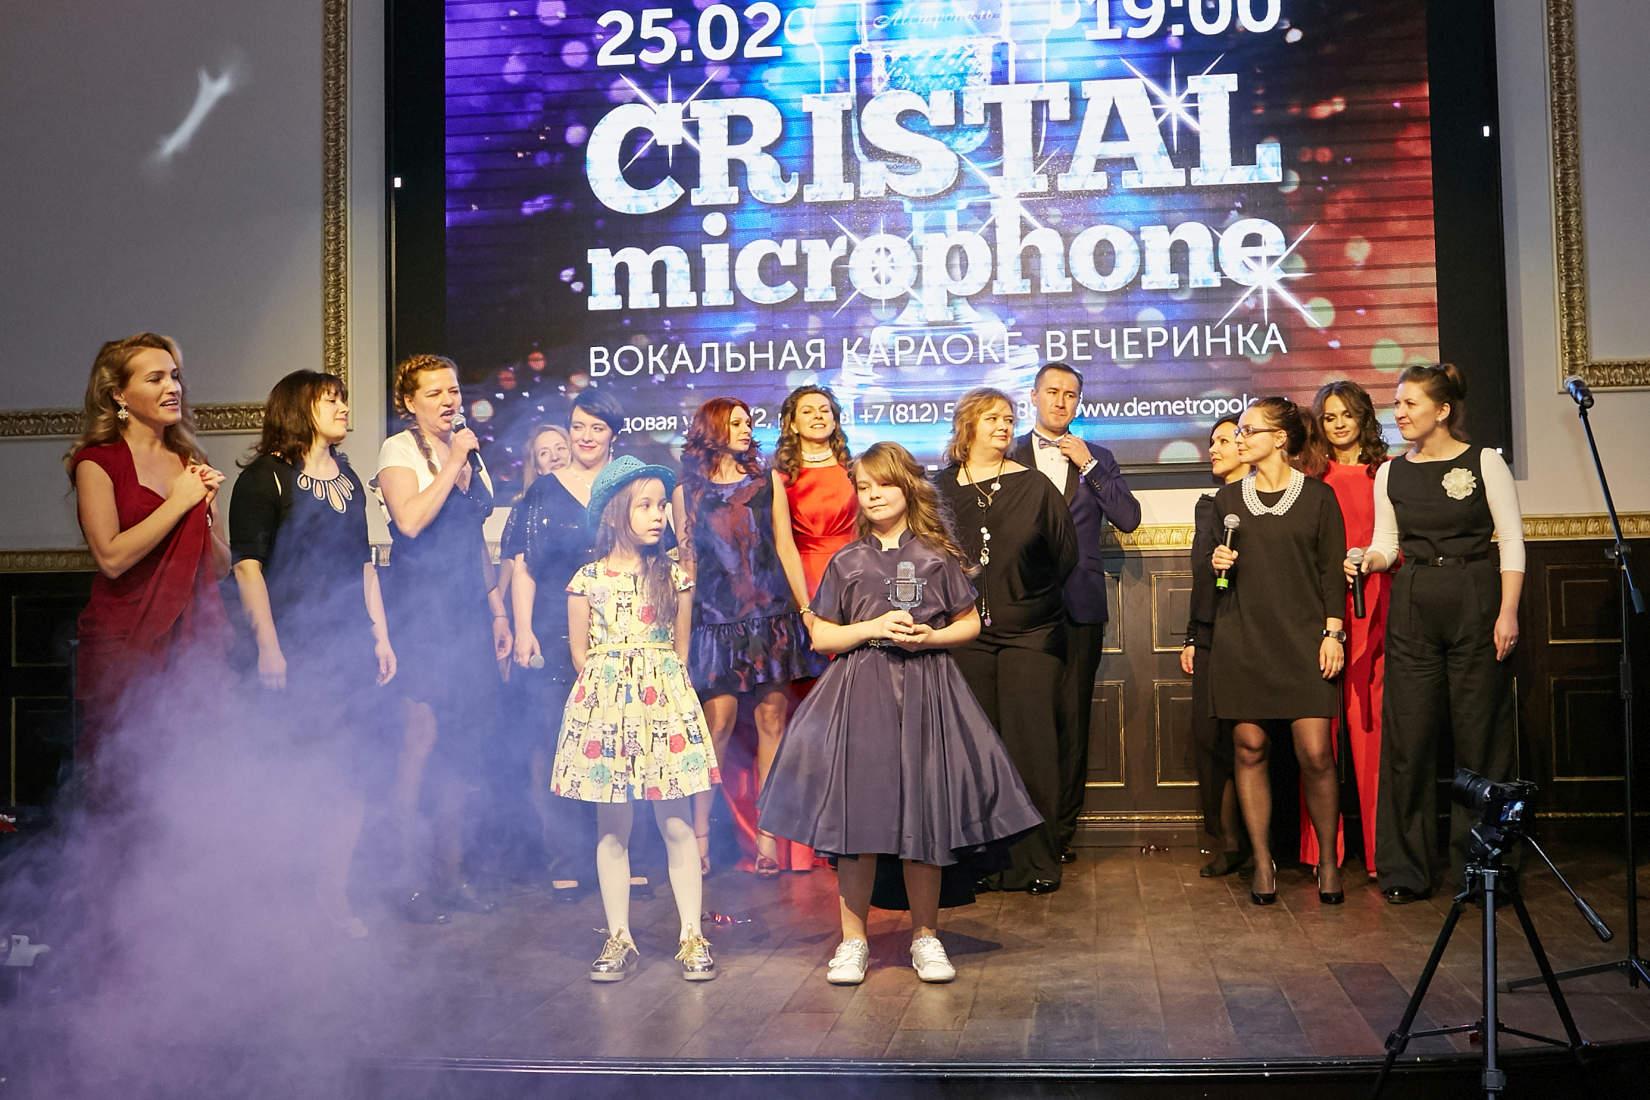 Конкурс хрустальный микрофон